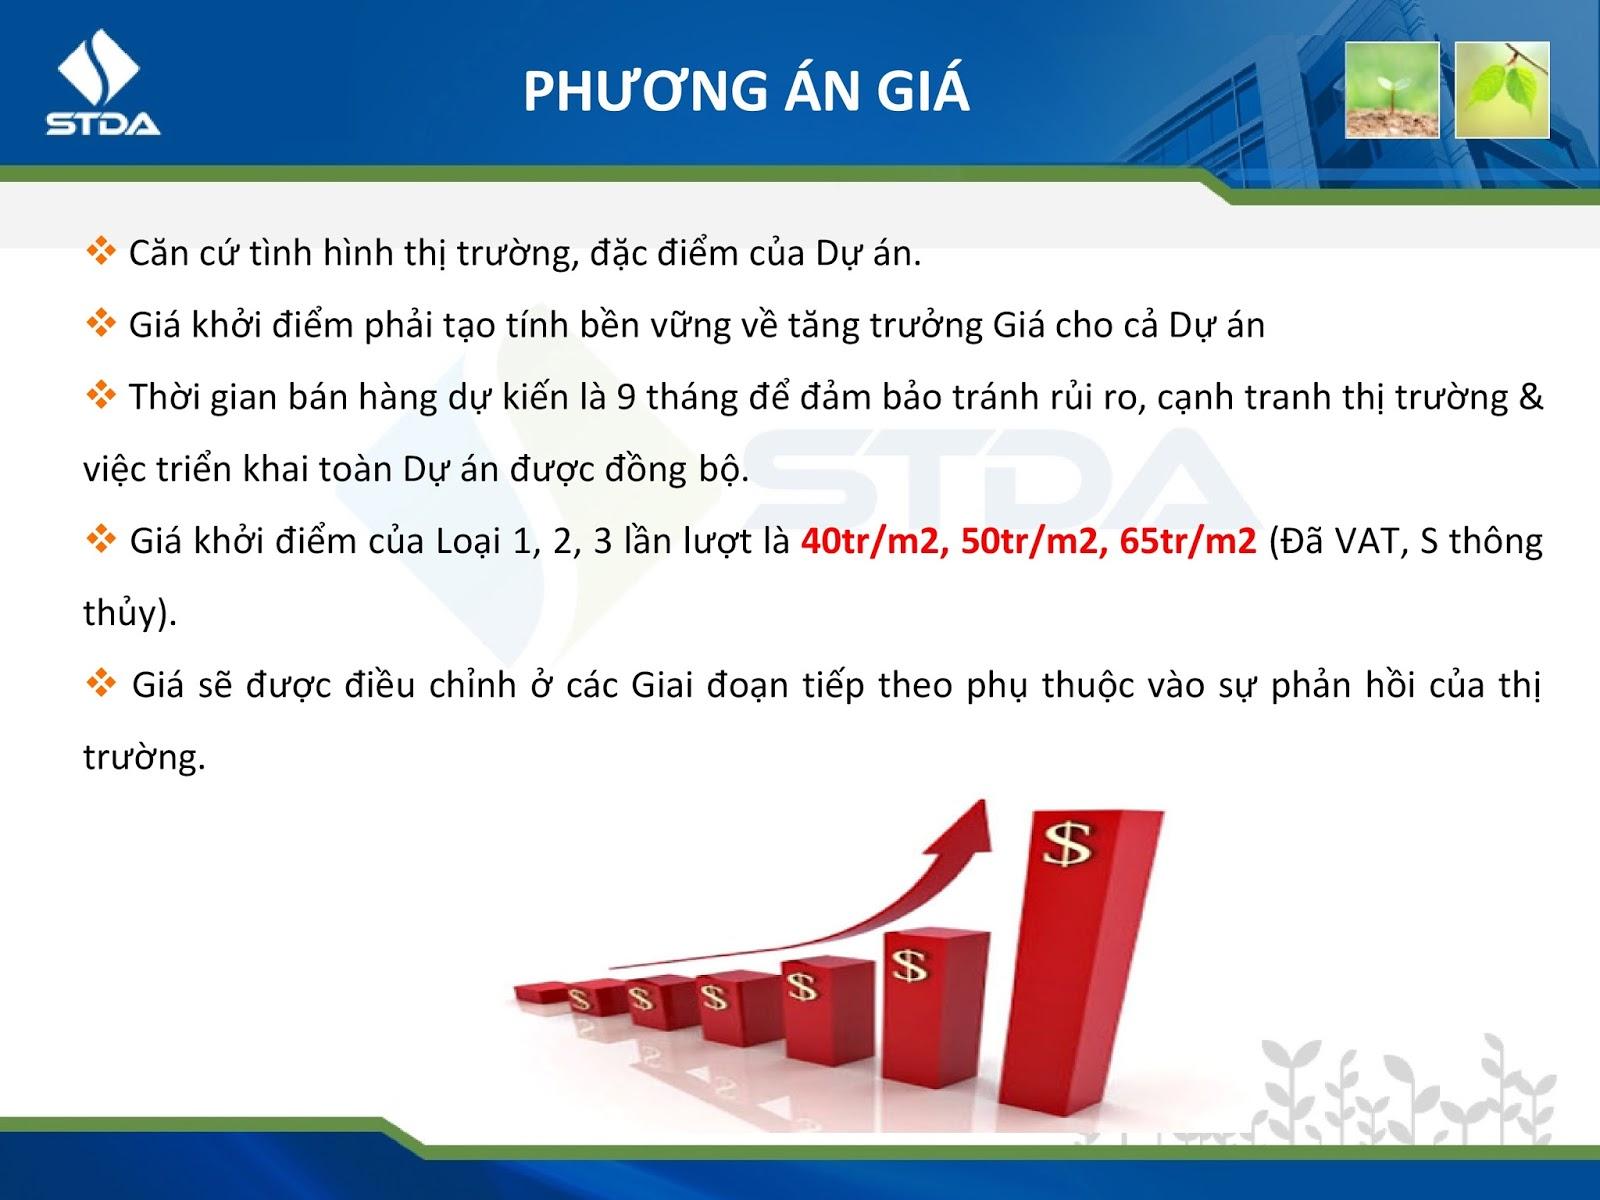 Phương án giá dự kiến liền kề, shophouse Cleve Văn Phú